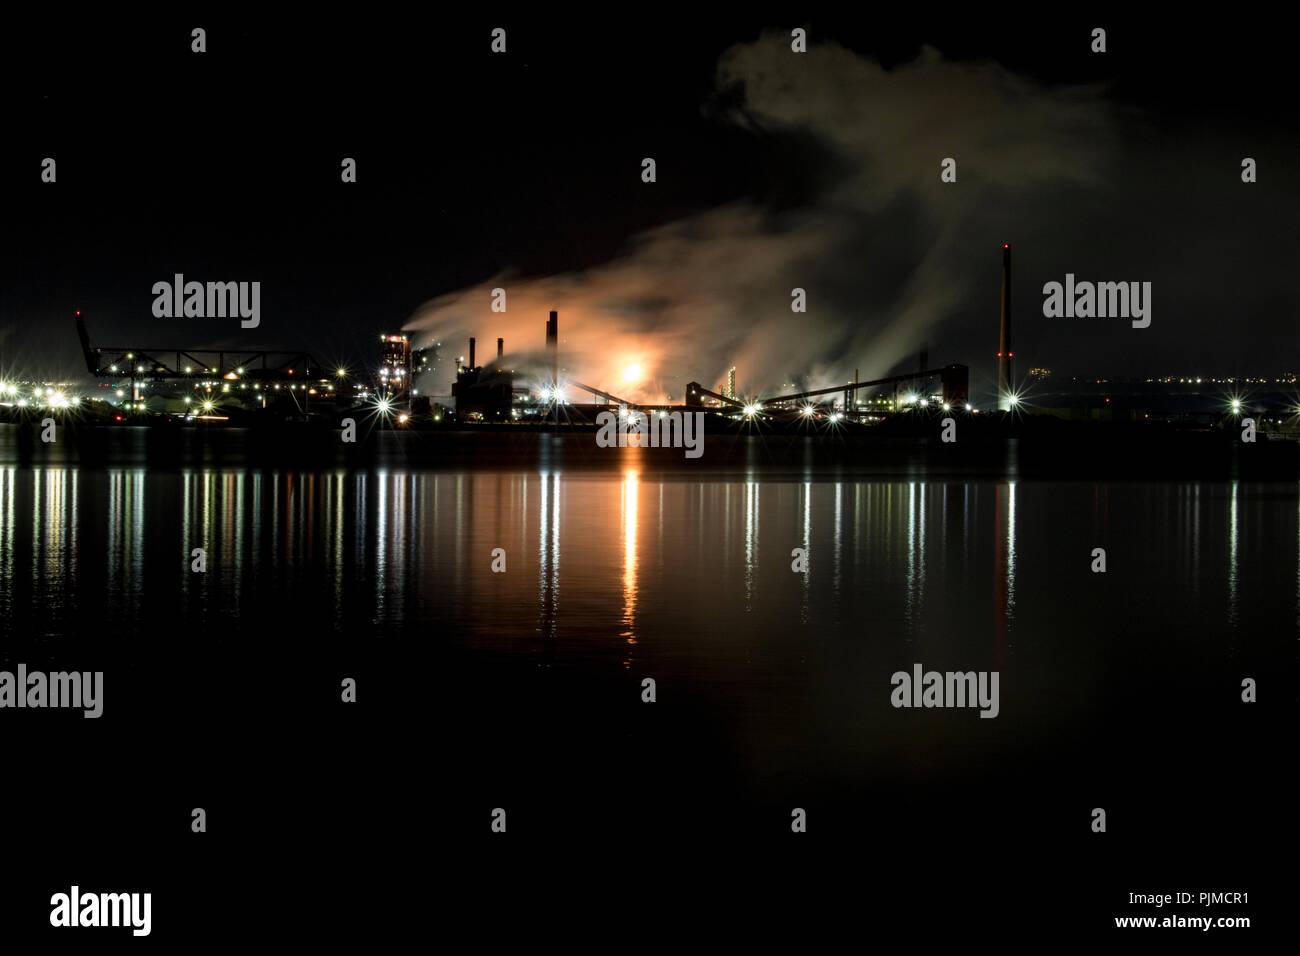 Las fábricas contaminantes y aumentar el calentamiento global. Ocupado en la acería industrial bombeo nocturno de humo en el medio ambiente. Time lapse vid Foto de stock